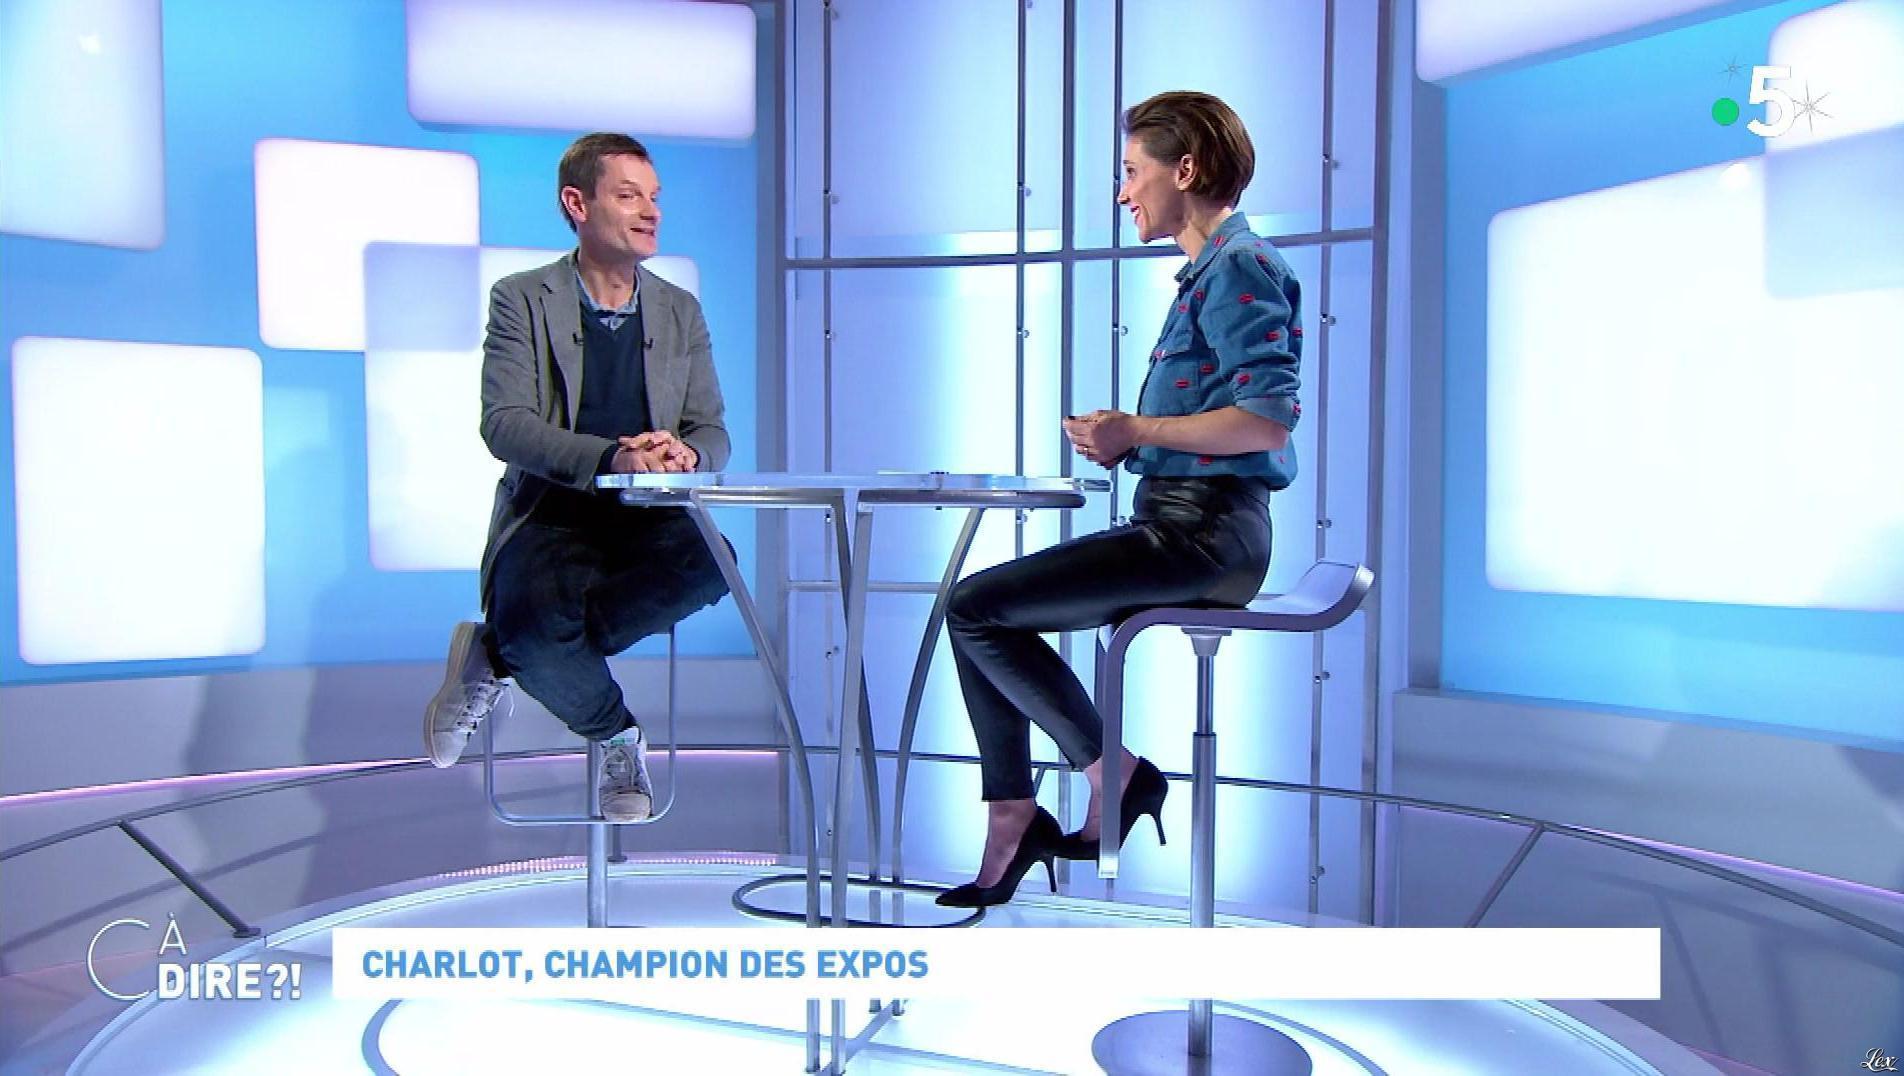 Mélanie Taravant dans C à Dire. Diffusé à la télévision le 10/12/19.